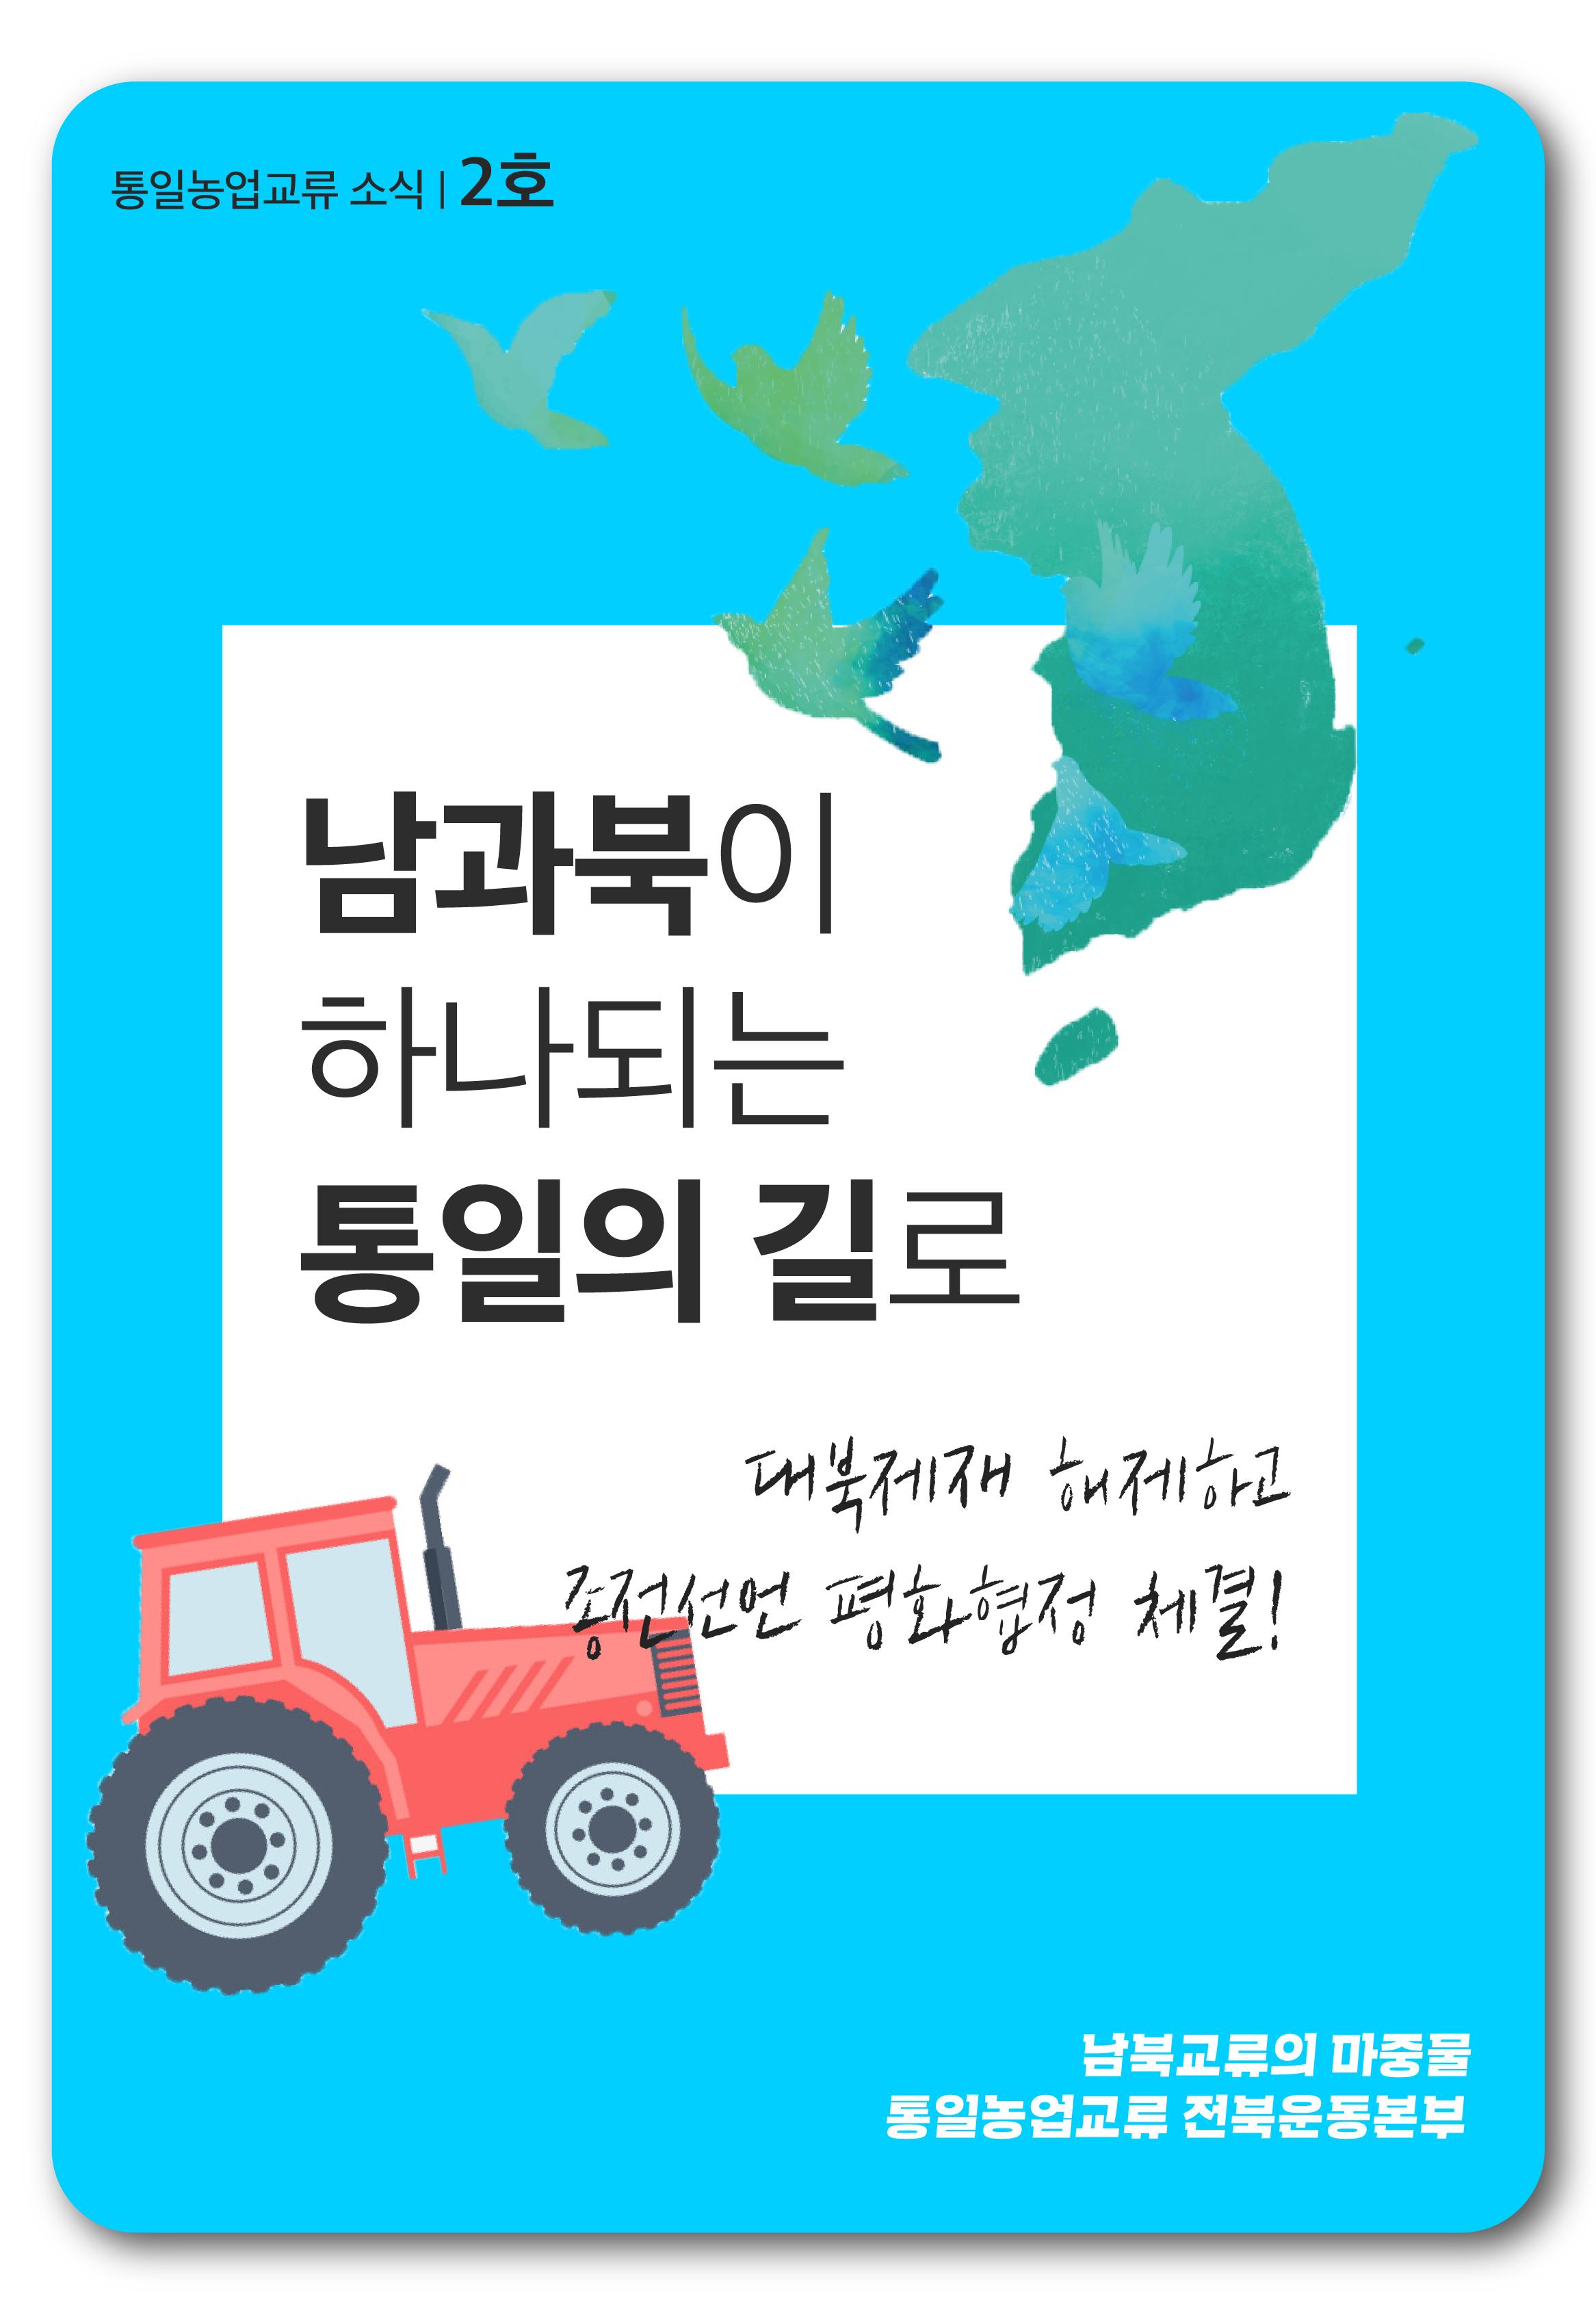 통일농업 카드뉴스 2호-01.jpg